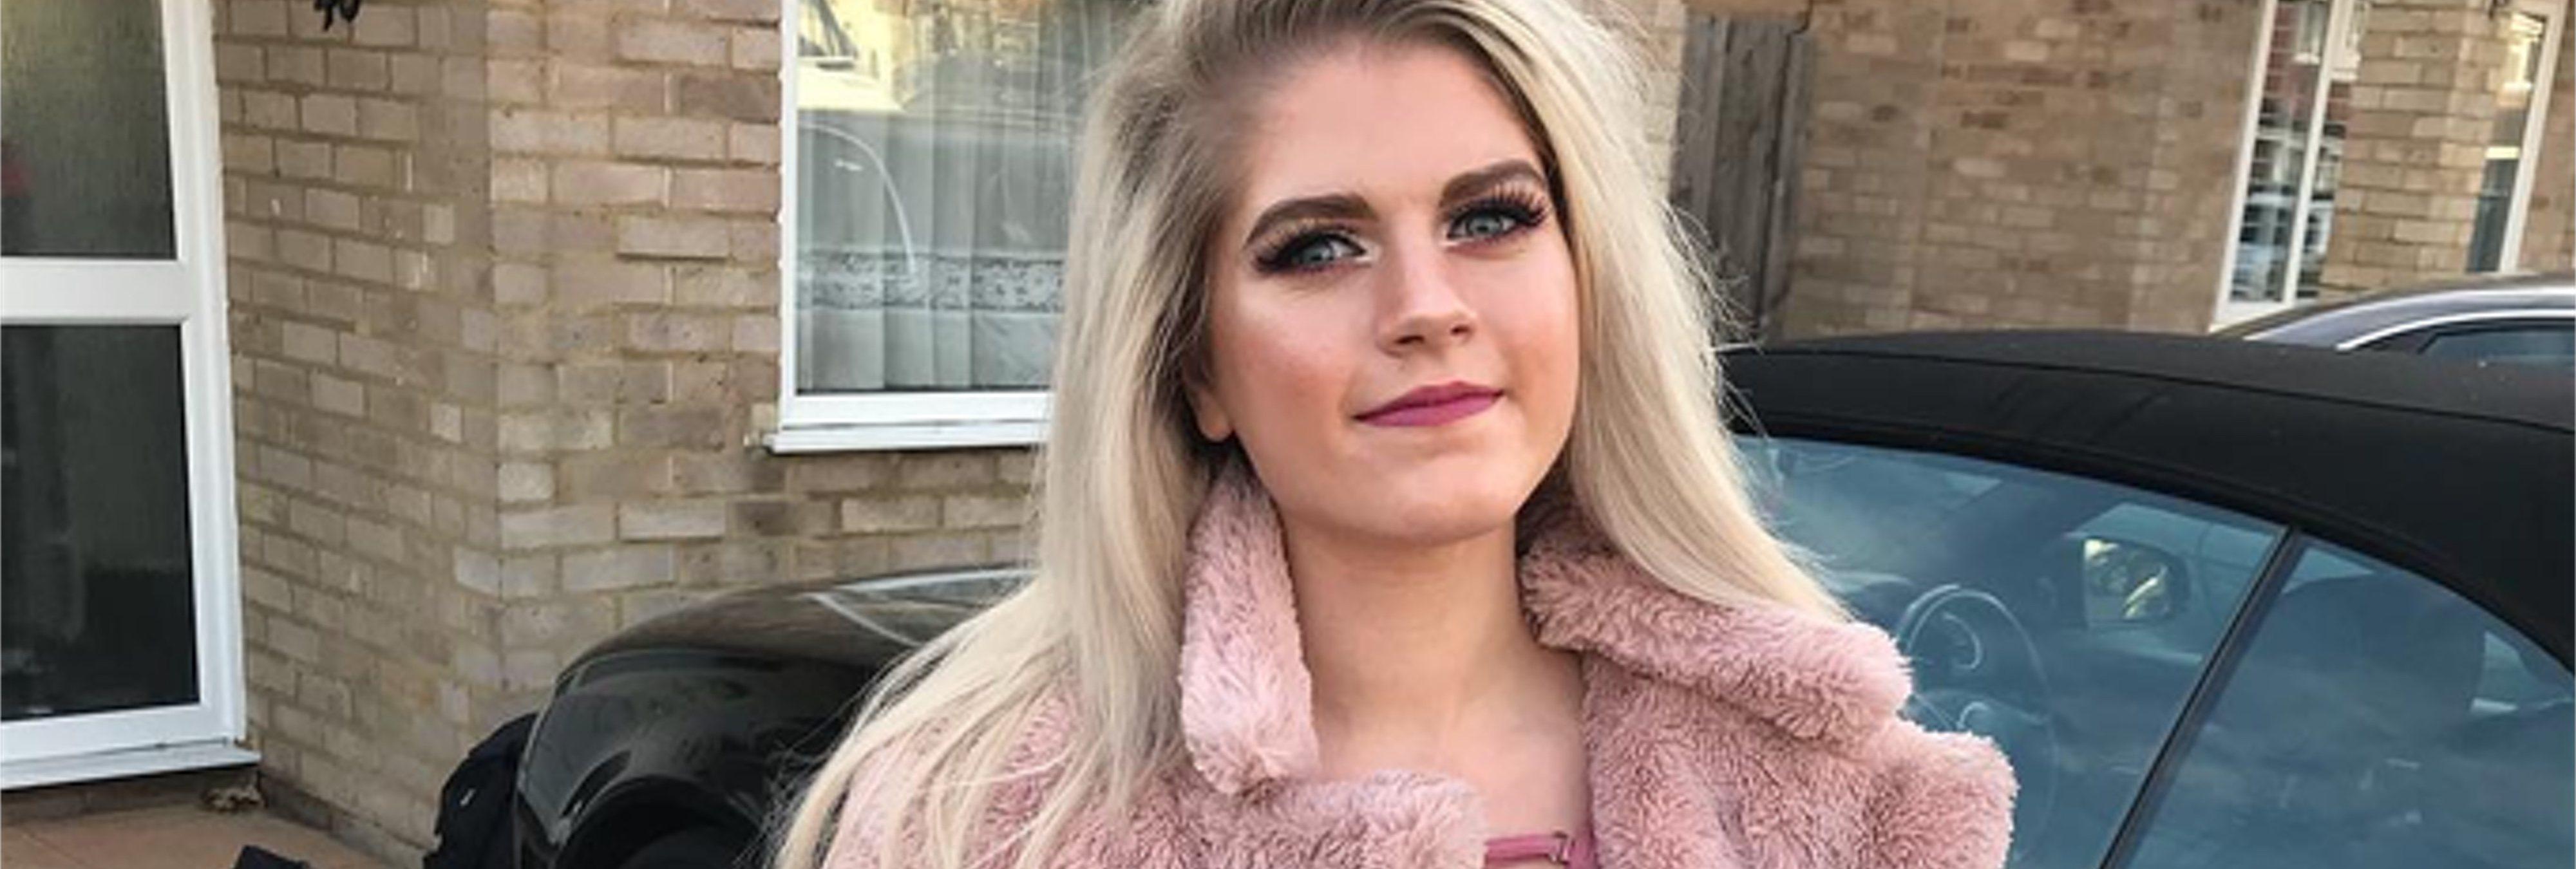 ¿Qué ha pasado (esta vez) con Marina Joyce, la youtuber británica?